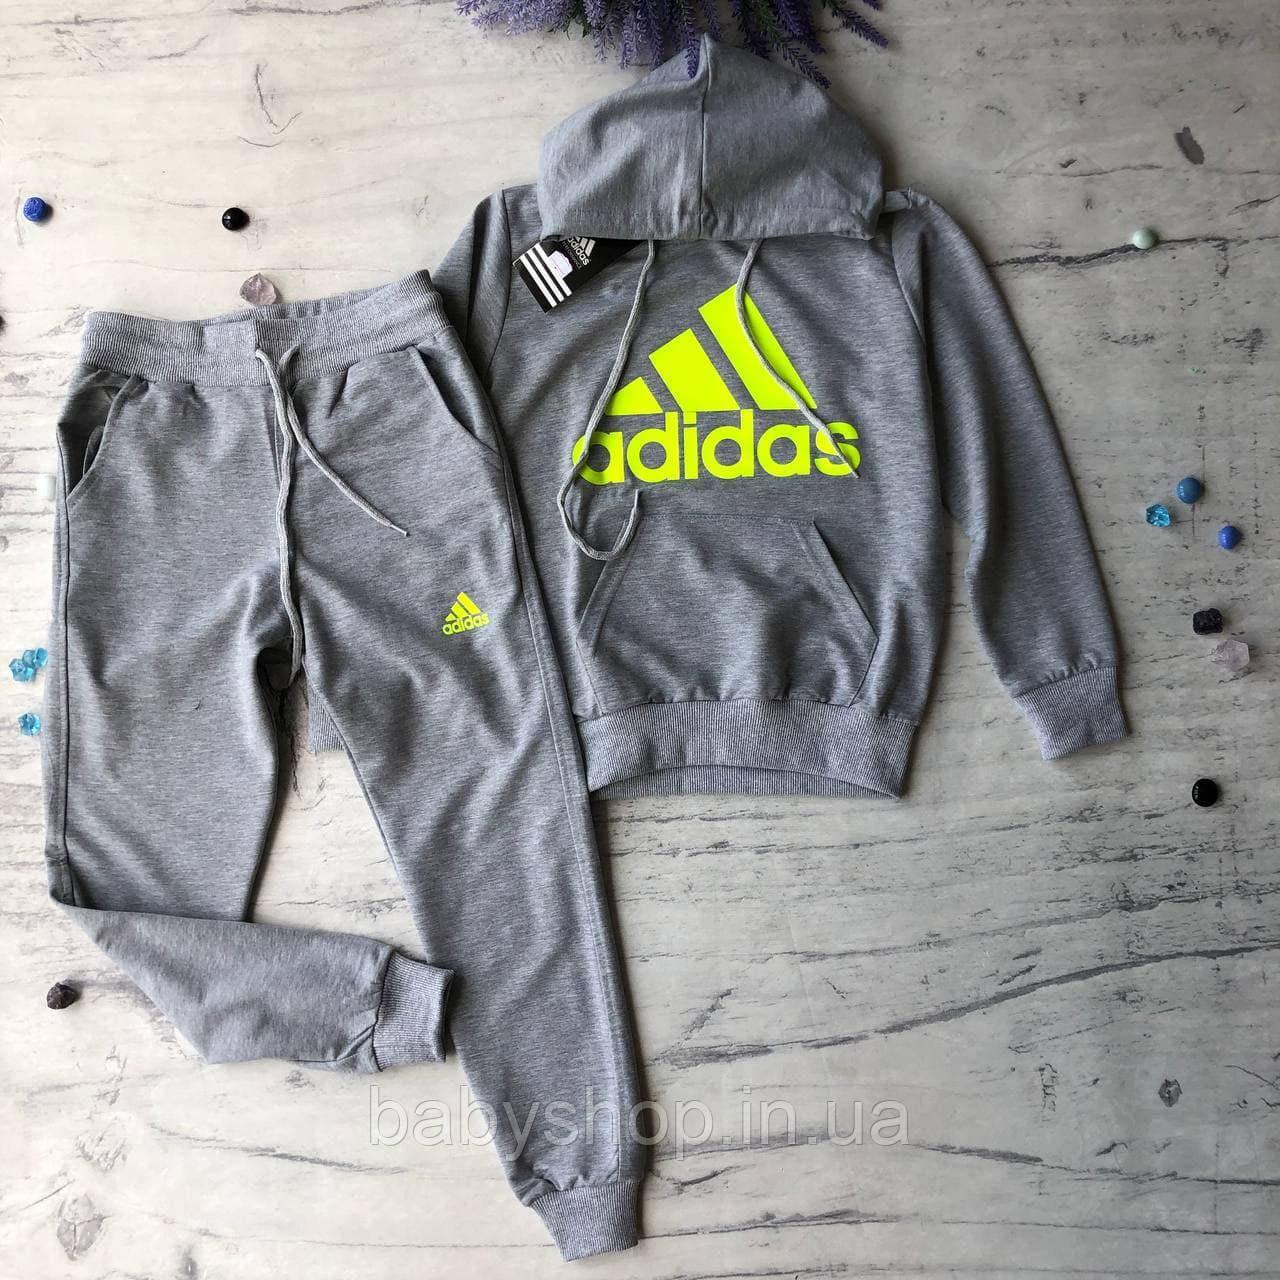 Спортивний костюм на дівчинку-підлітка в стилі Adidas 9. Розмір 128 см 140 см, 152 см, 164 см, 176 см, 182 см